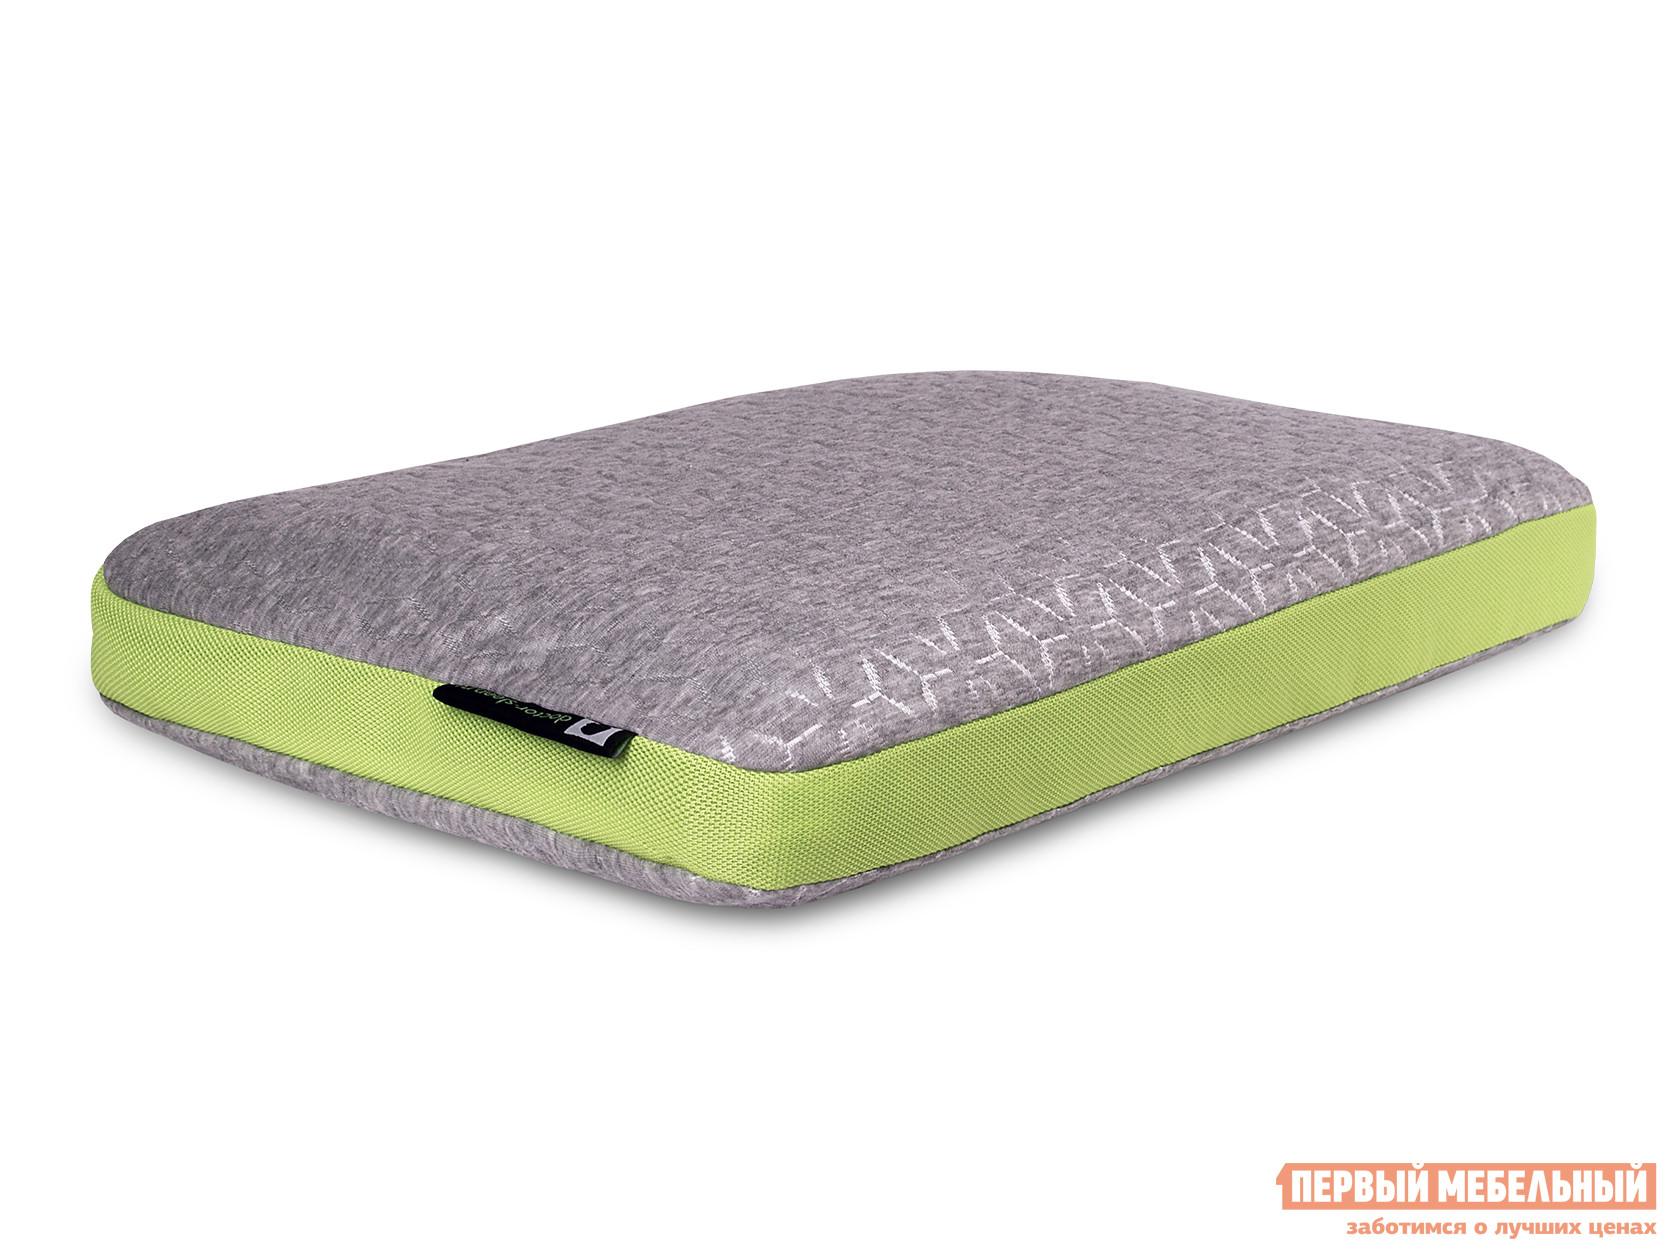 Подушка Первый Мебельный Energetic S/M/L женский пиджак s m l blazerfree 6456